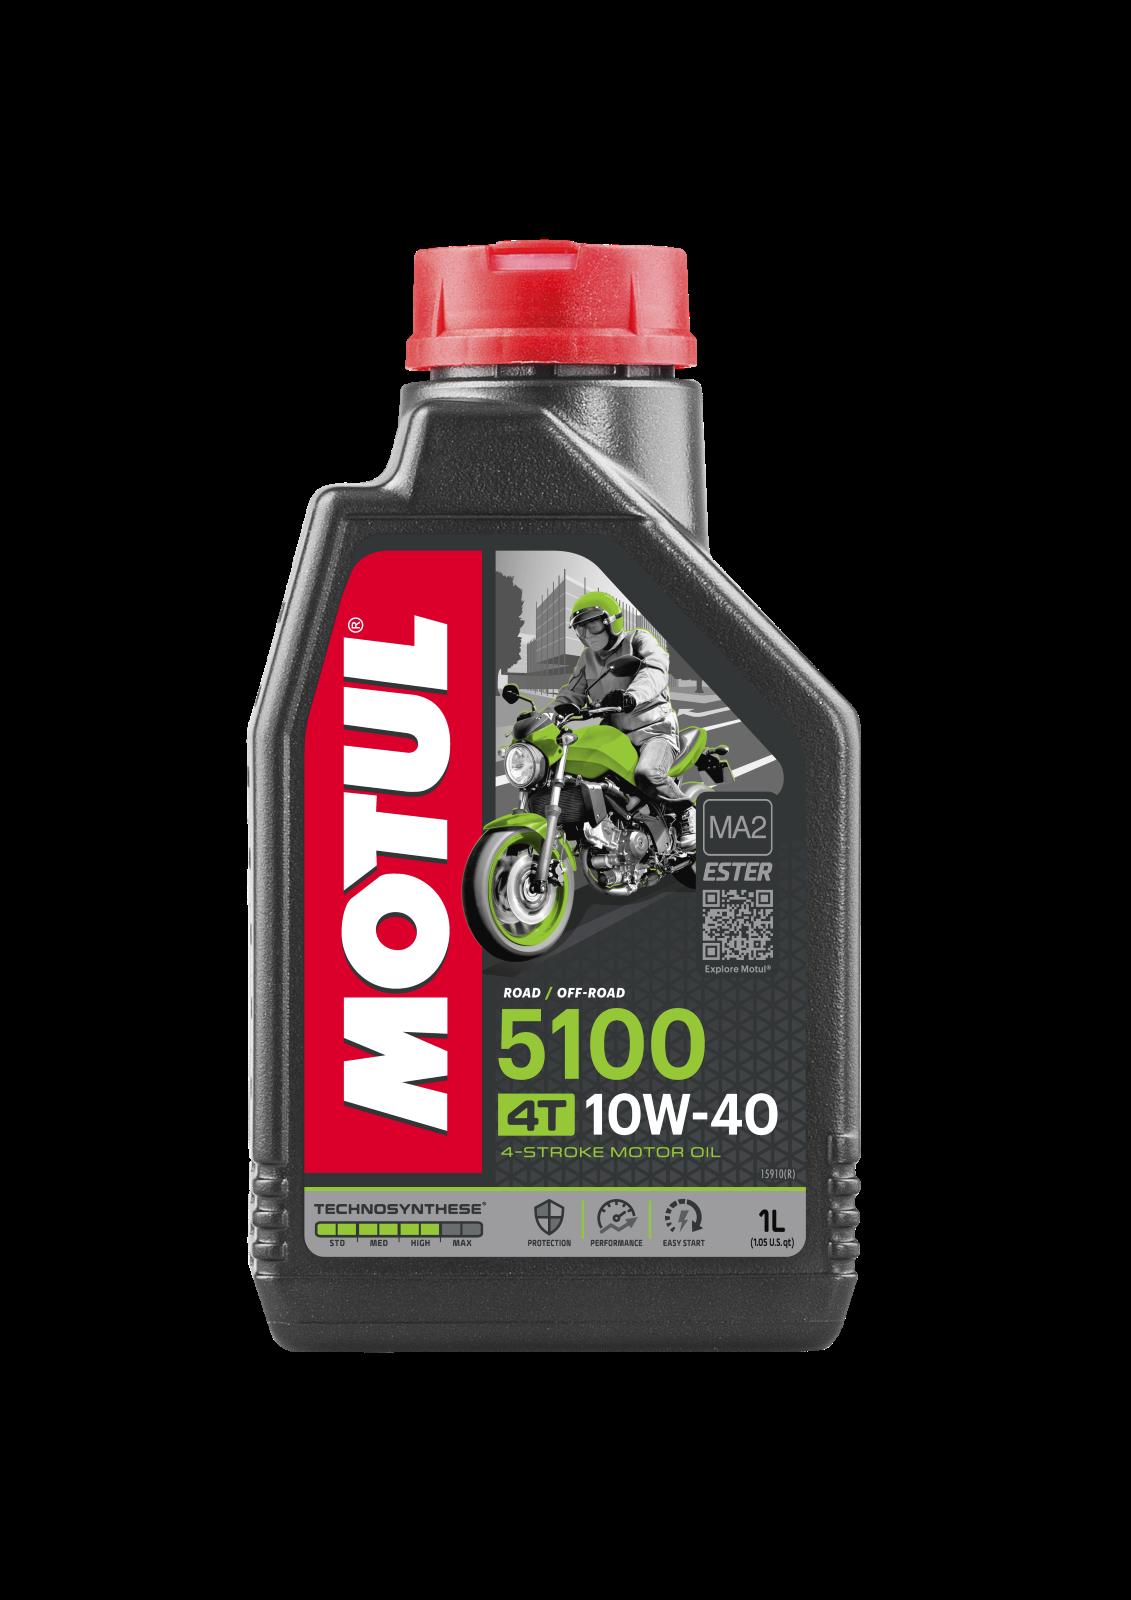 MOTUL AG MOTUL 5100 4T 10W-40 1L